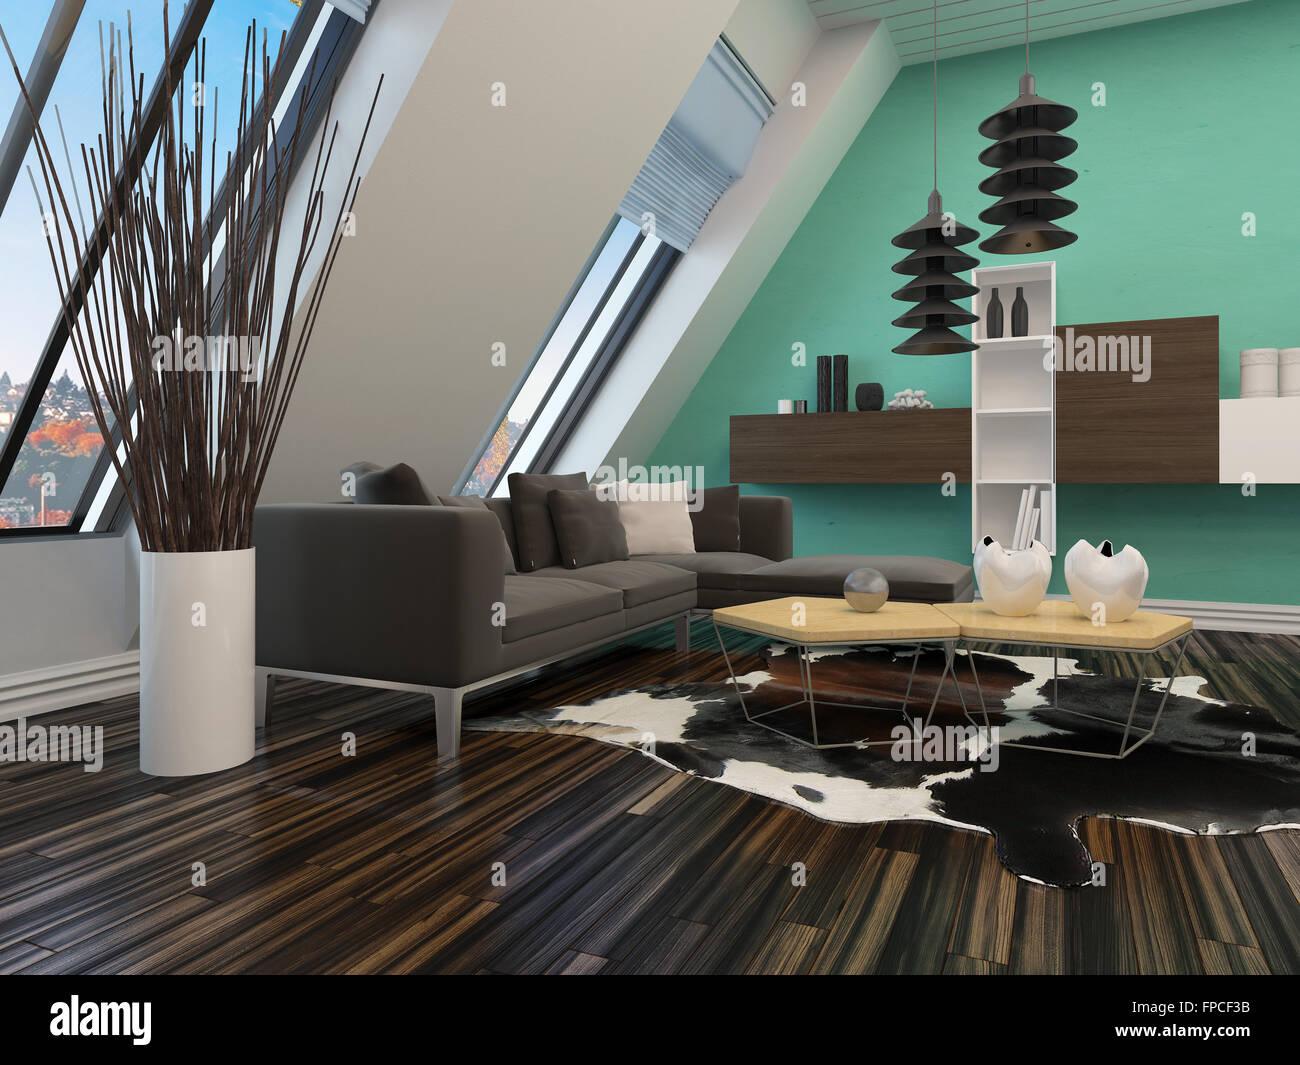 Moderne Wohnzimmer Inneneinrichtung mit einer schrägen Wand mit ...